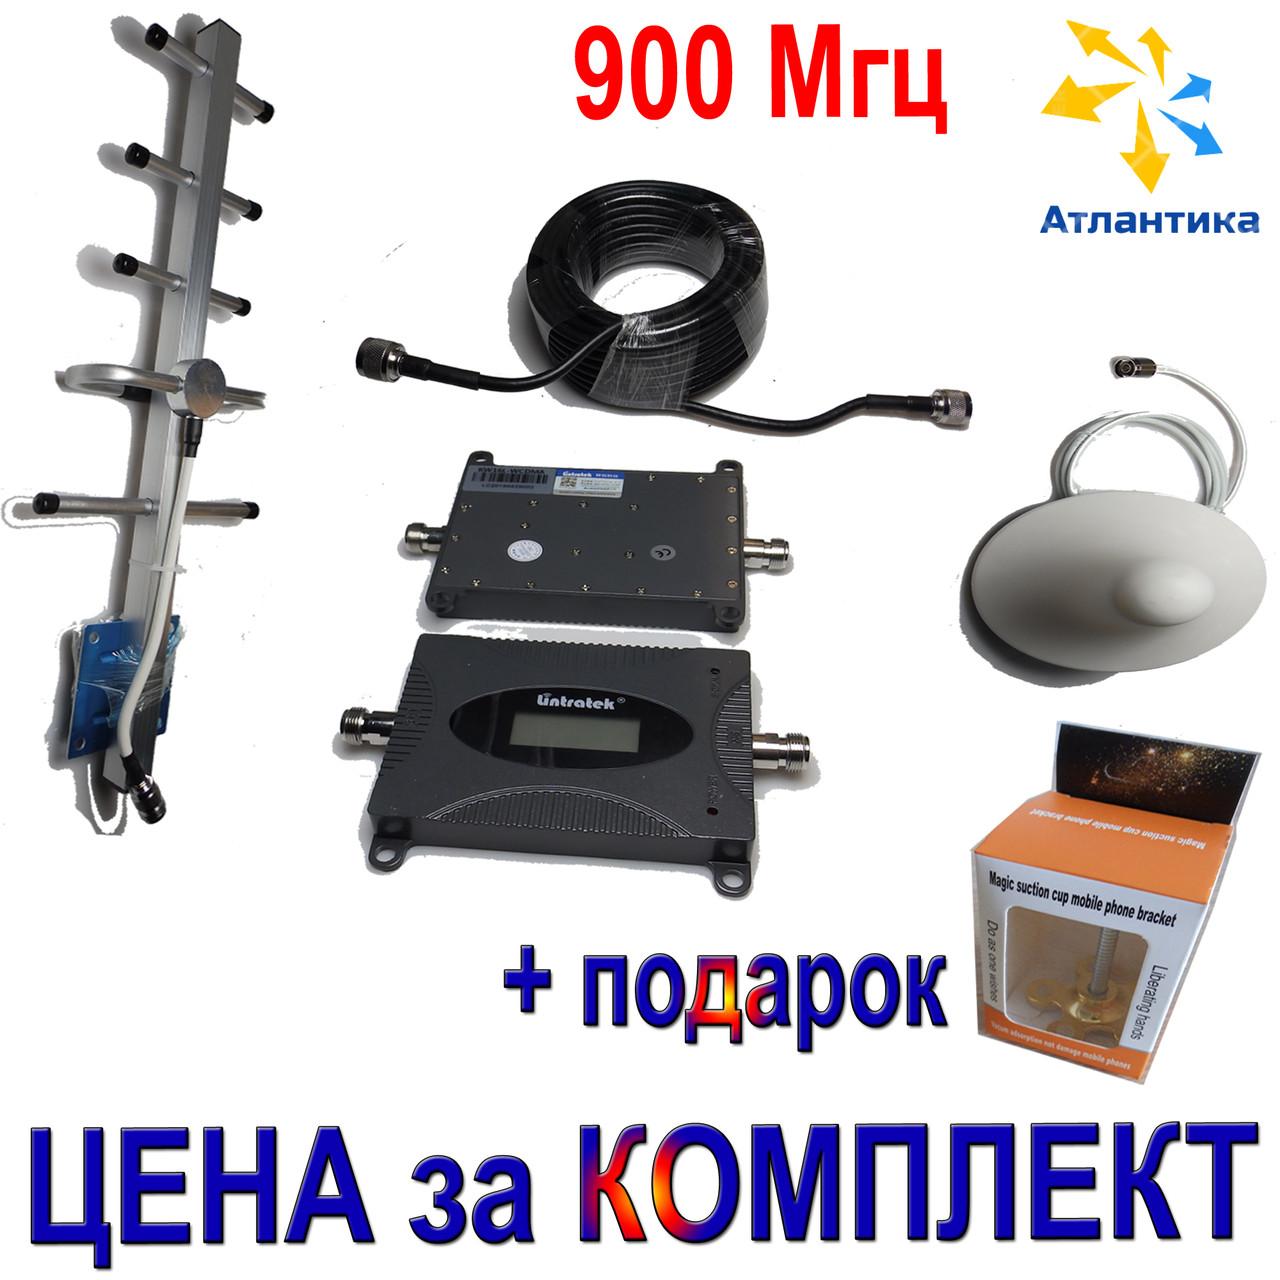 Усилитель Репитер GSM для мобильного ( сотового ) телефона в дом, офис, на дачу Lintratek KW16L-GSM + Подарок